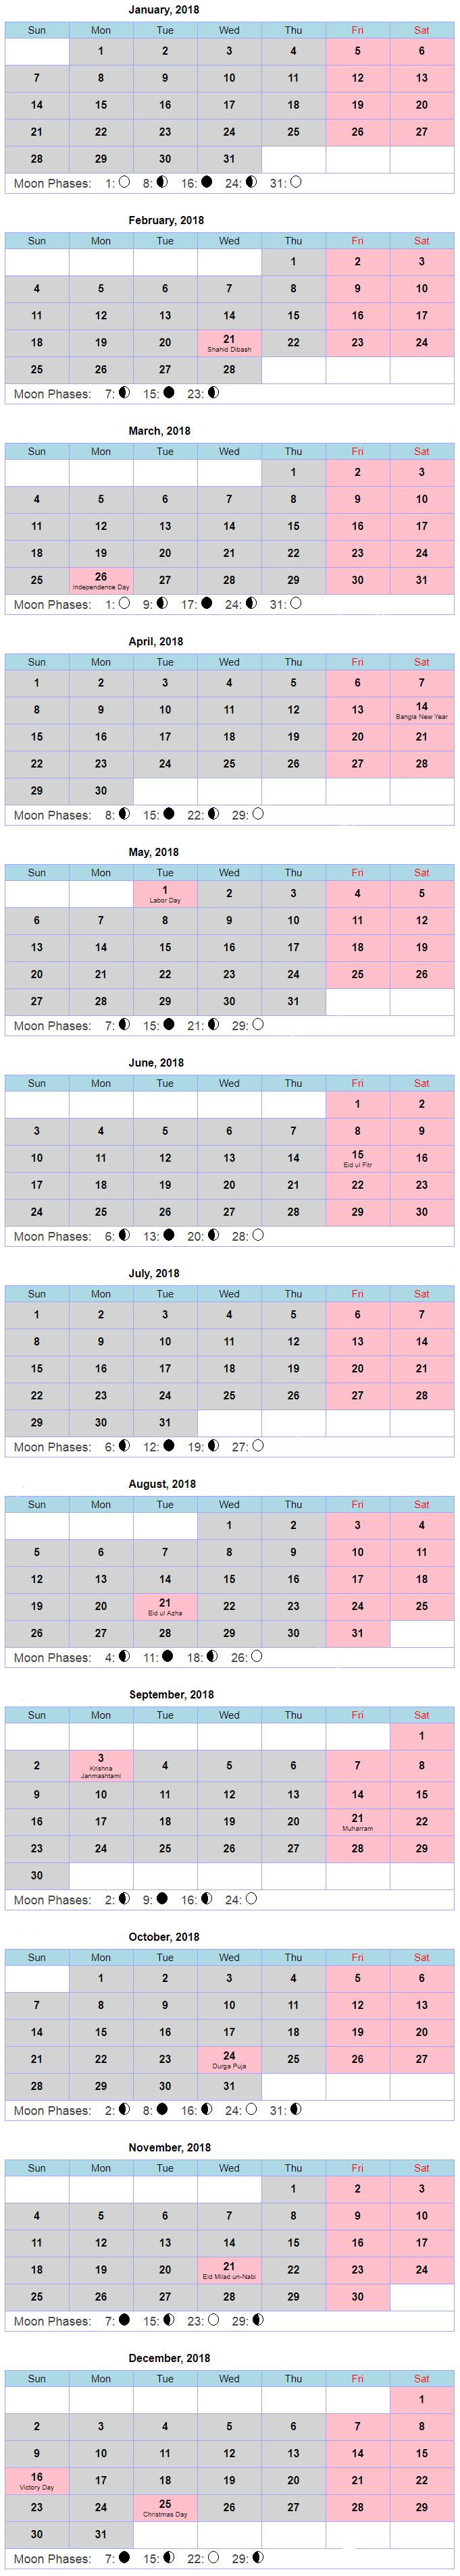 Bangladesh Government Calendar 2018 Public & National Holiday